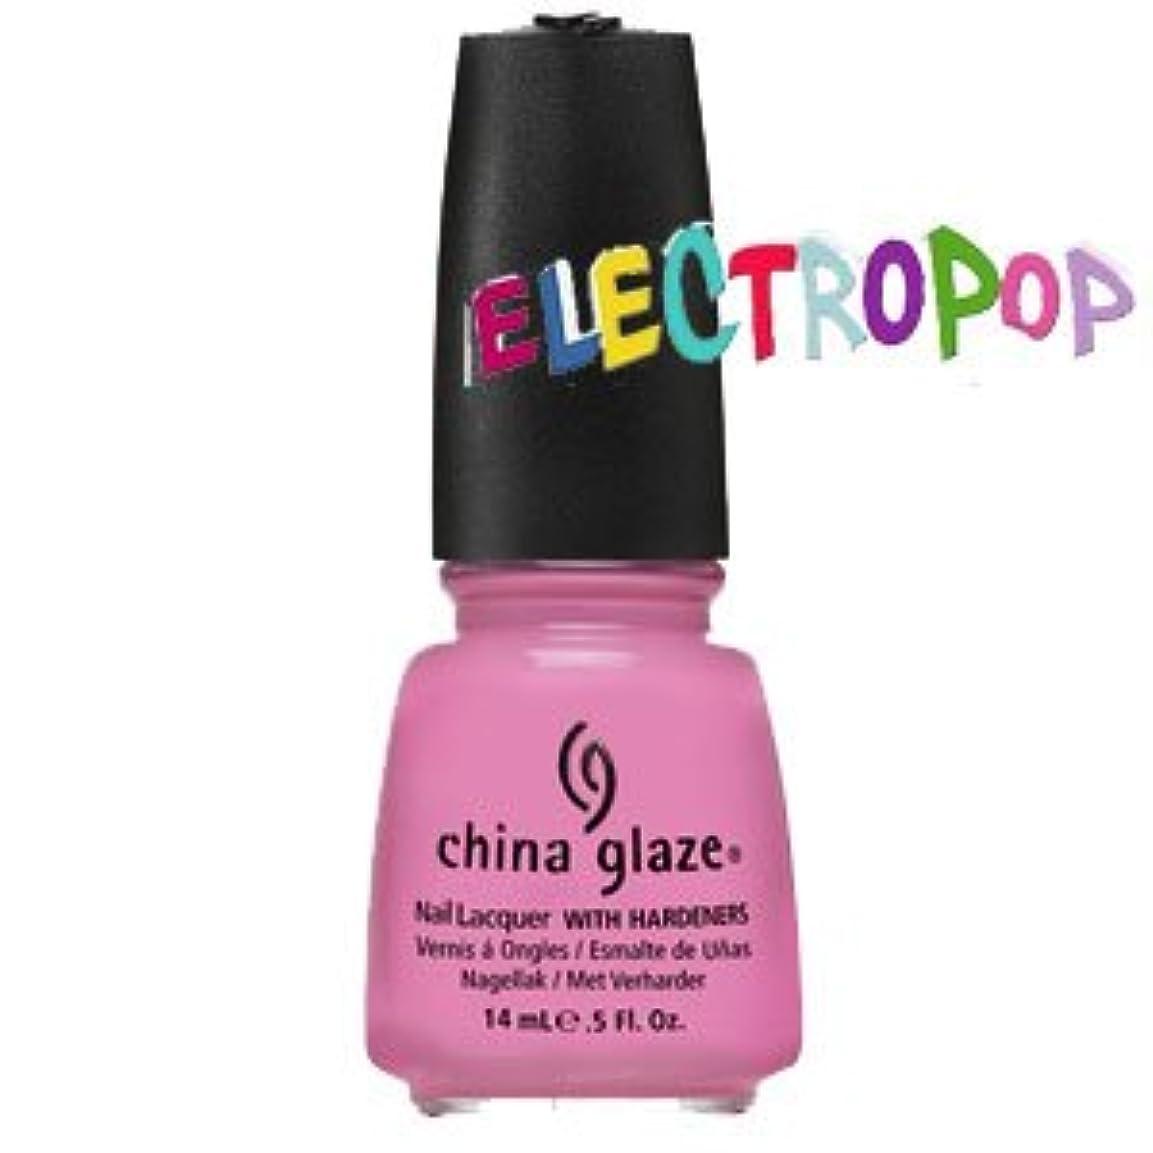 憧れ価格オレンジ(チャイナグレイズ)China Glaze Dance Baby-ElectroPopコレクション(Lights) [海外直送品][並行輸入品]